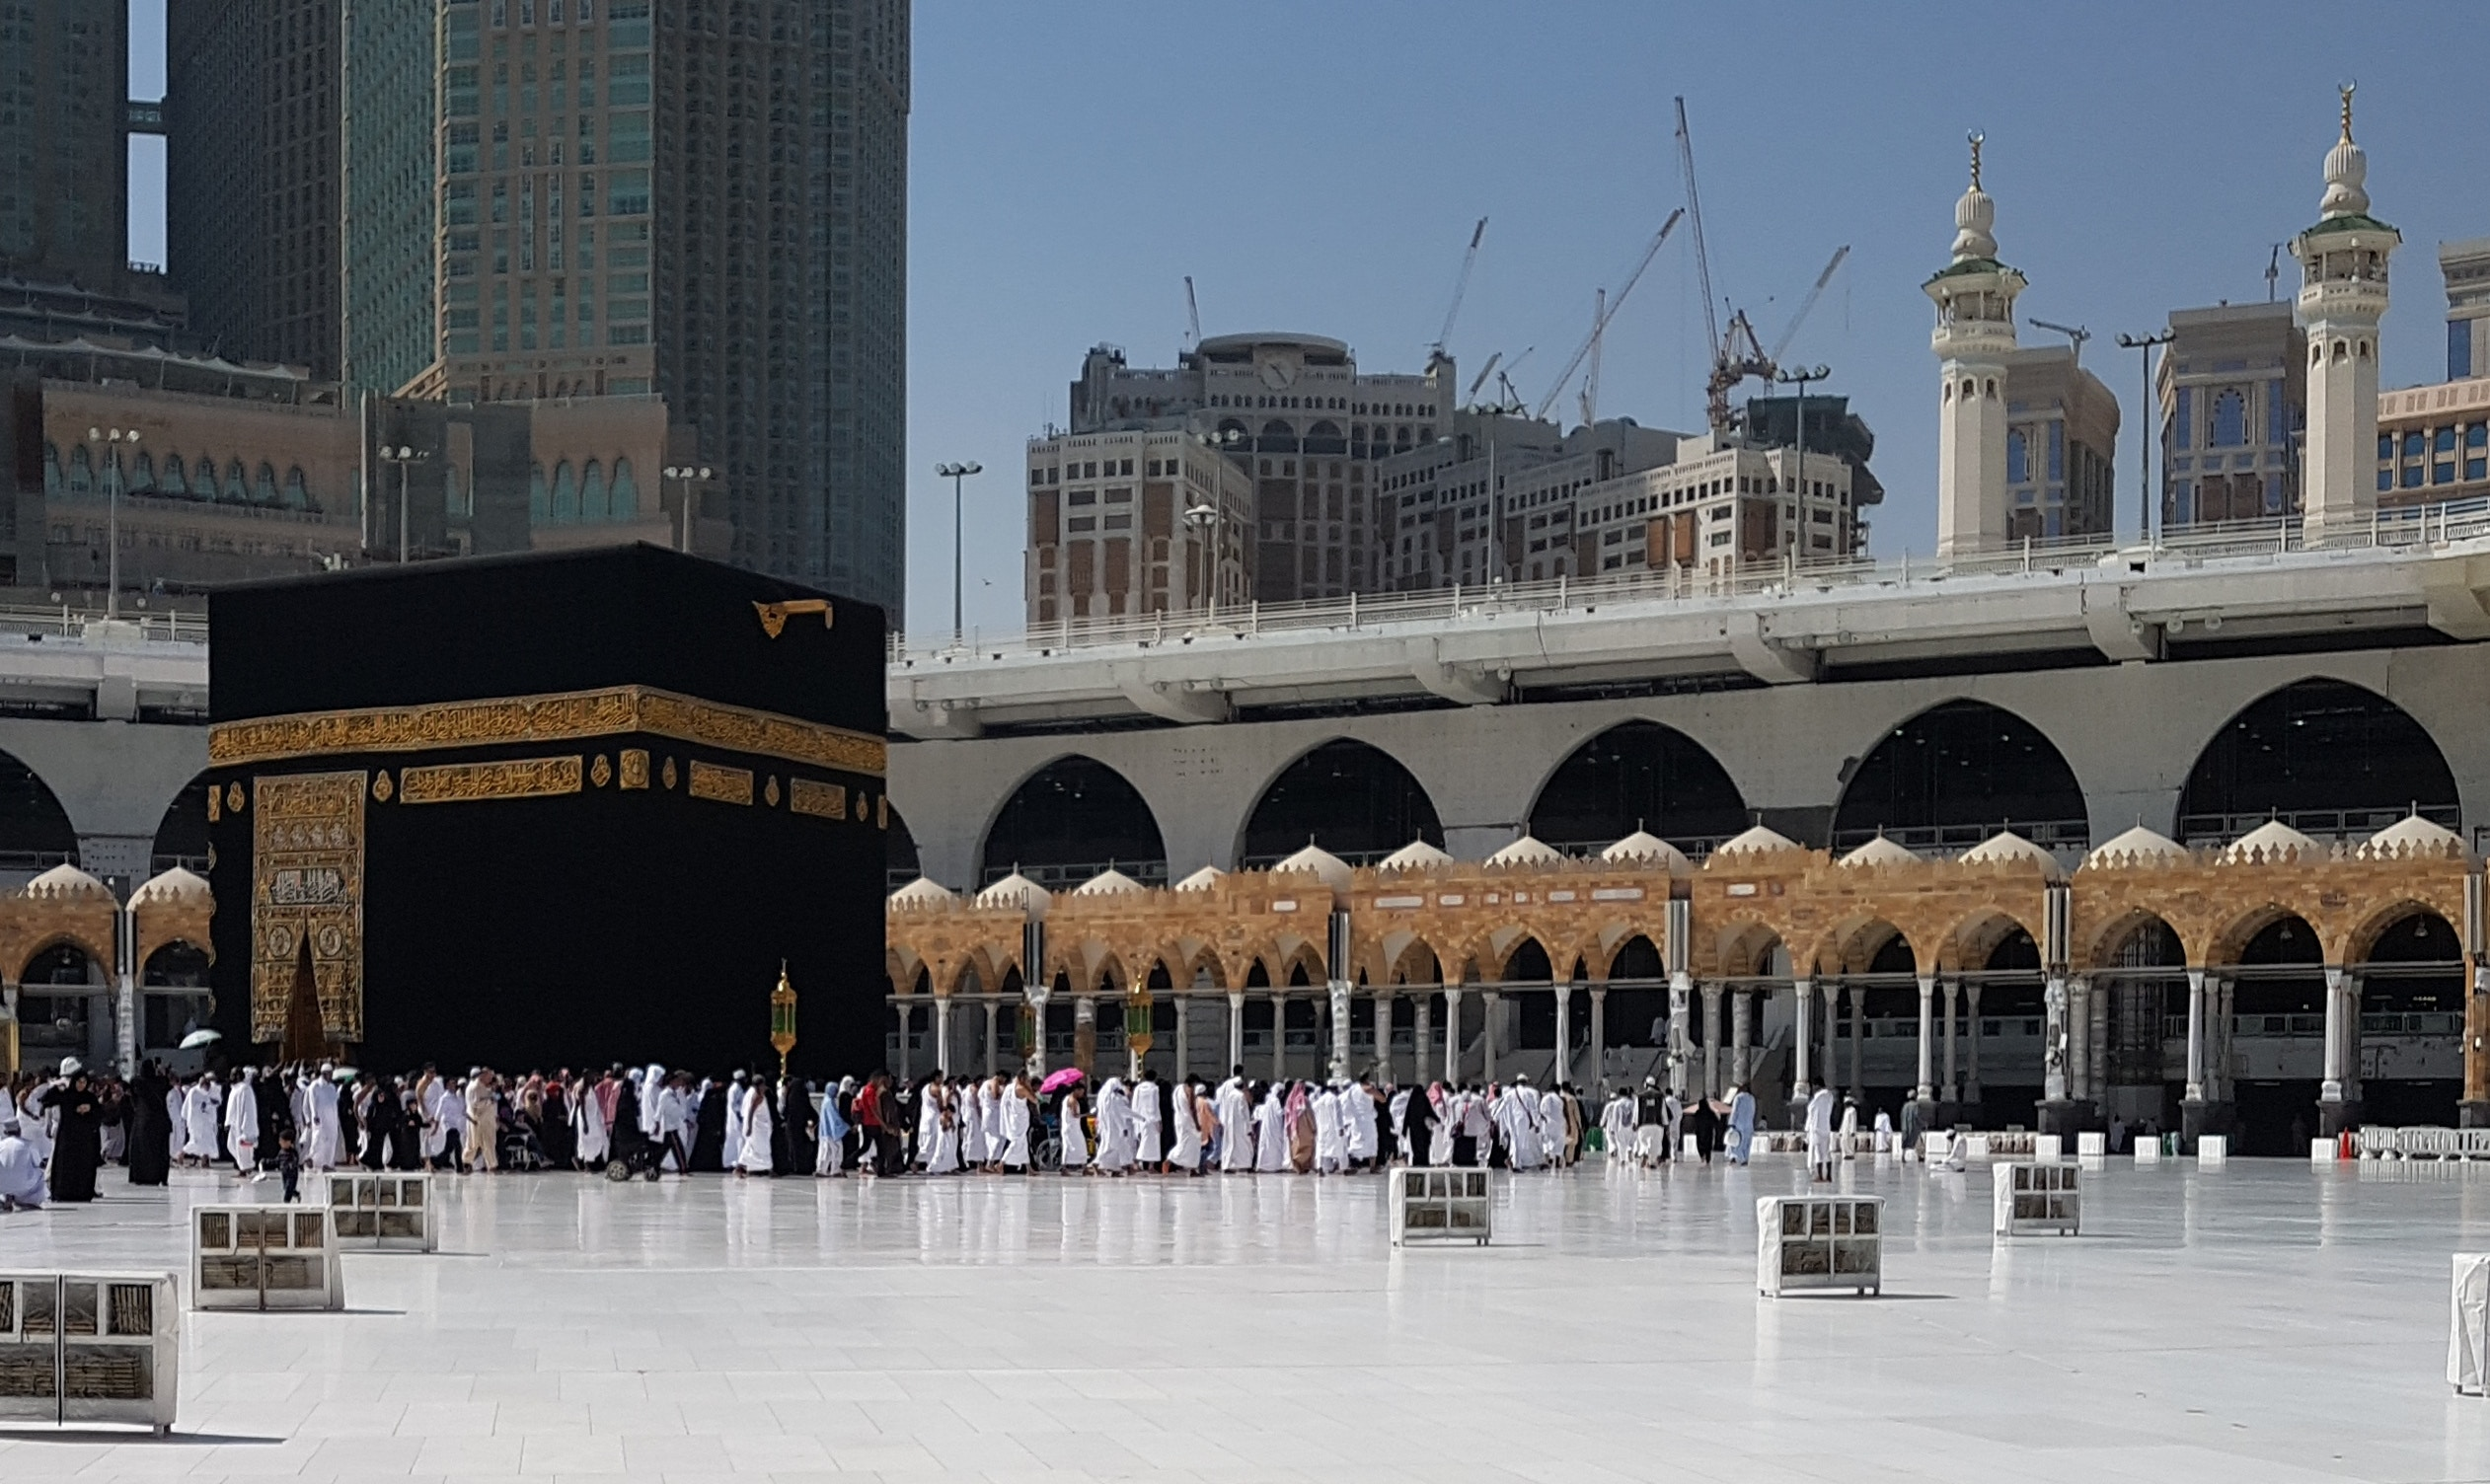 Saudiarabia photo